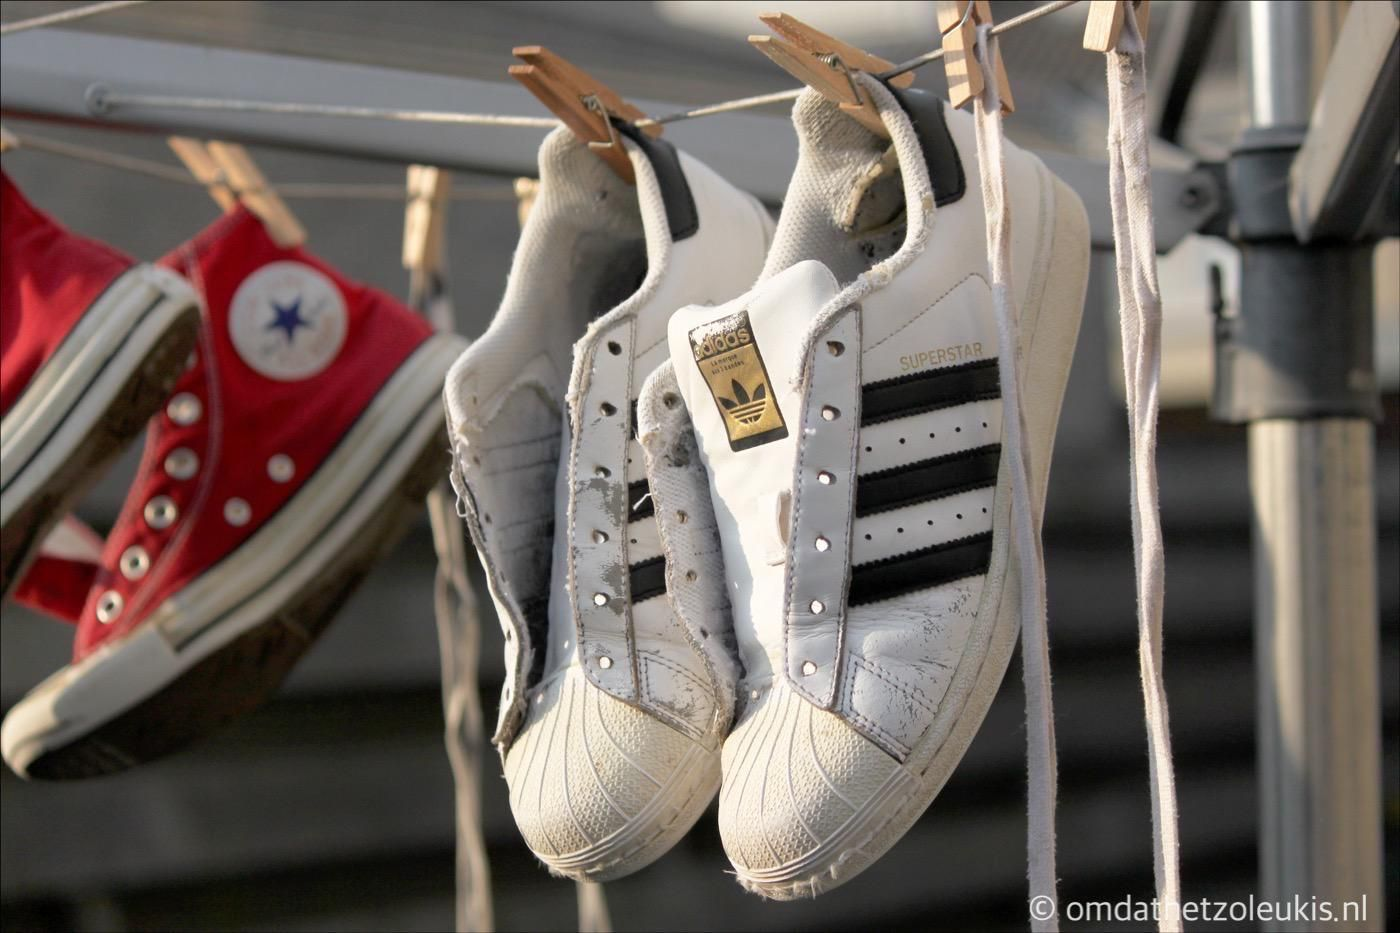 Sneakers in de wasmachine? | スニーカー